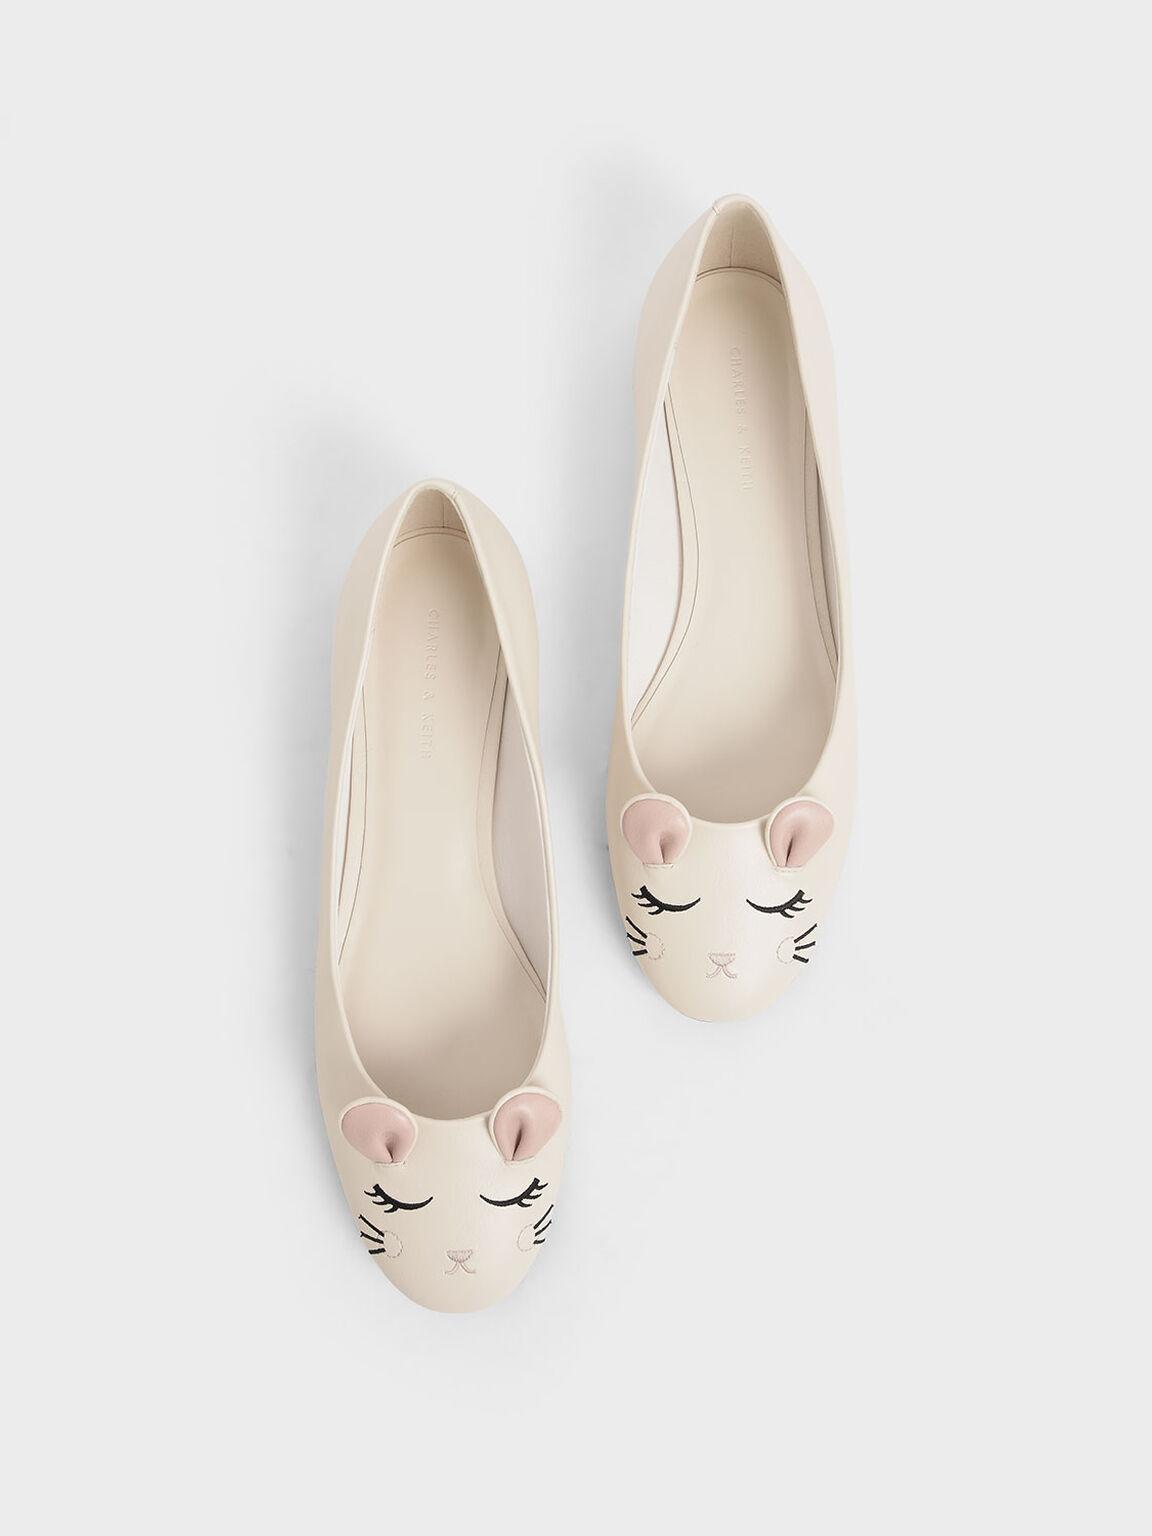 'Rat Zodiac' Ballerina Flats, Cream, hi-res